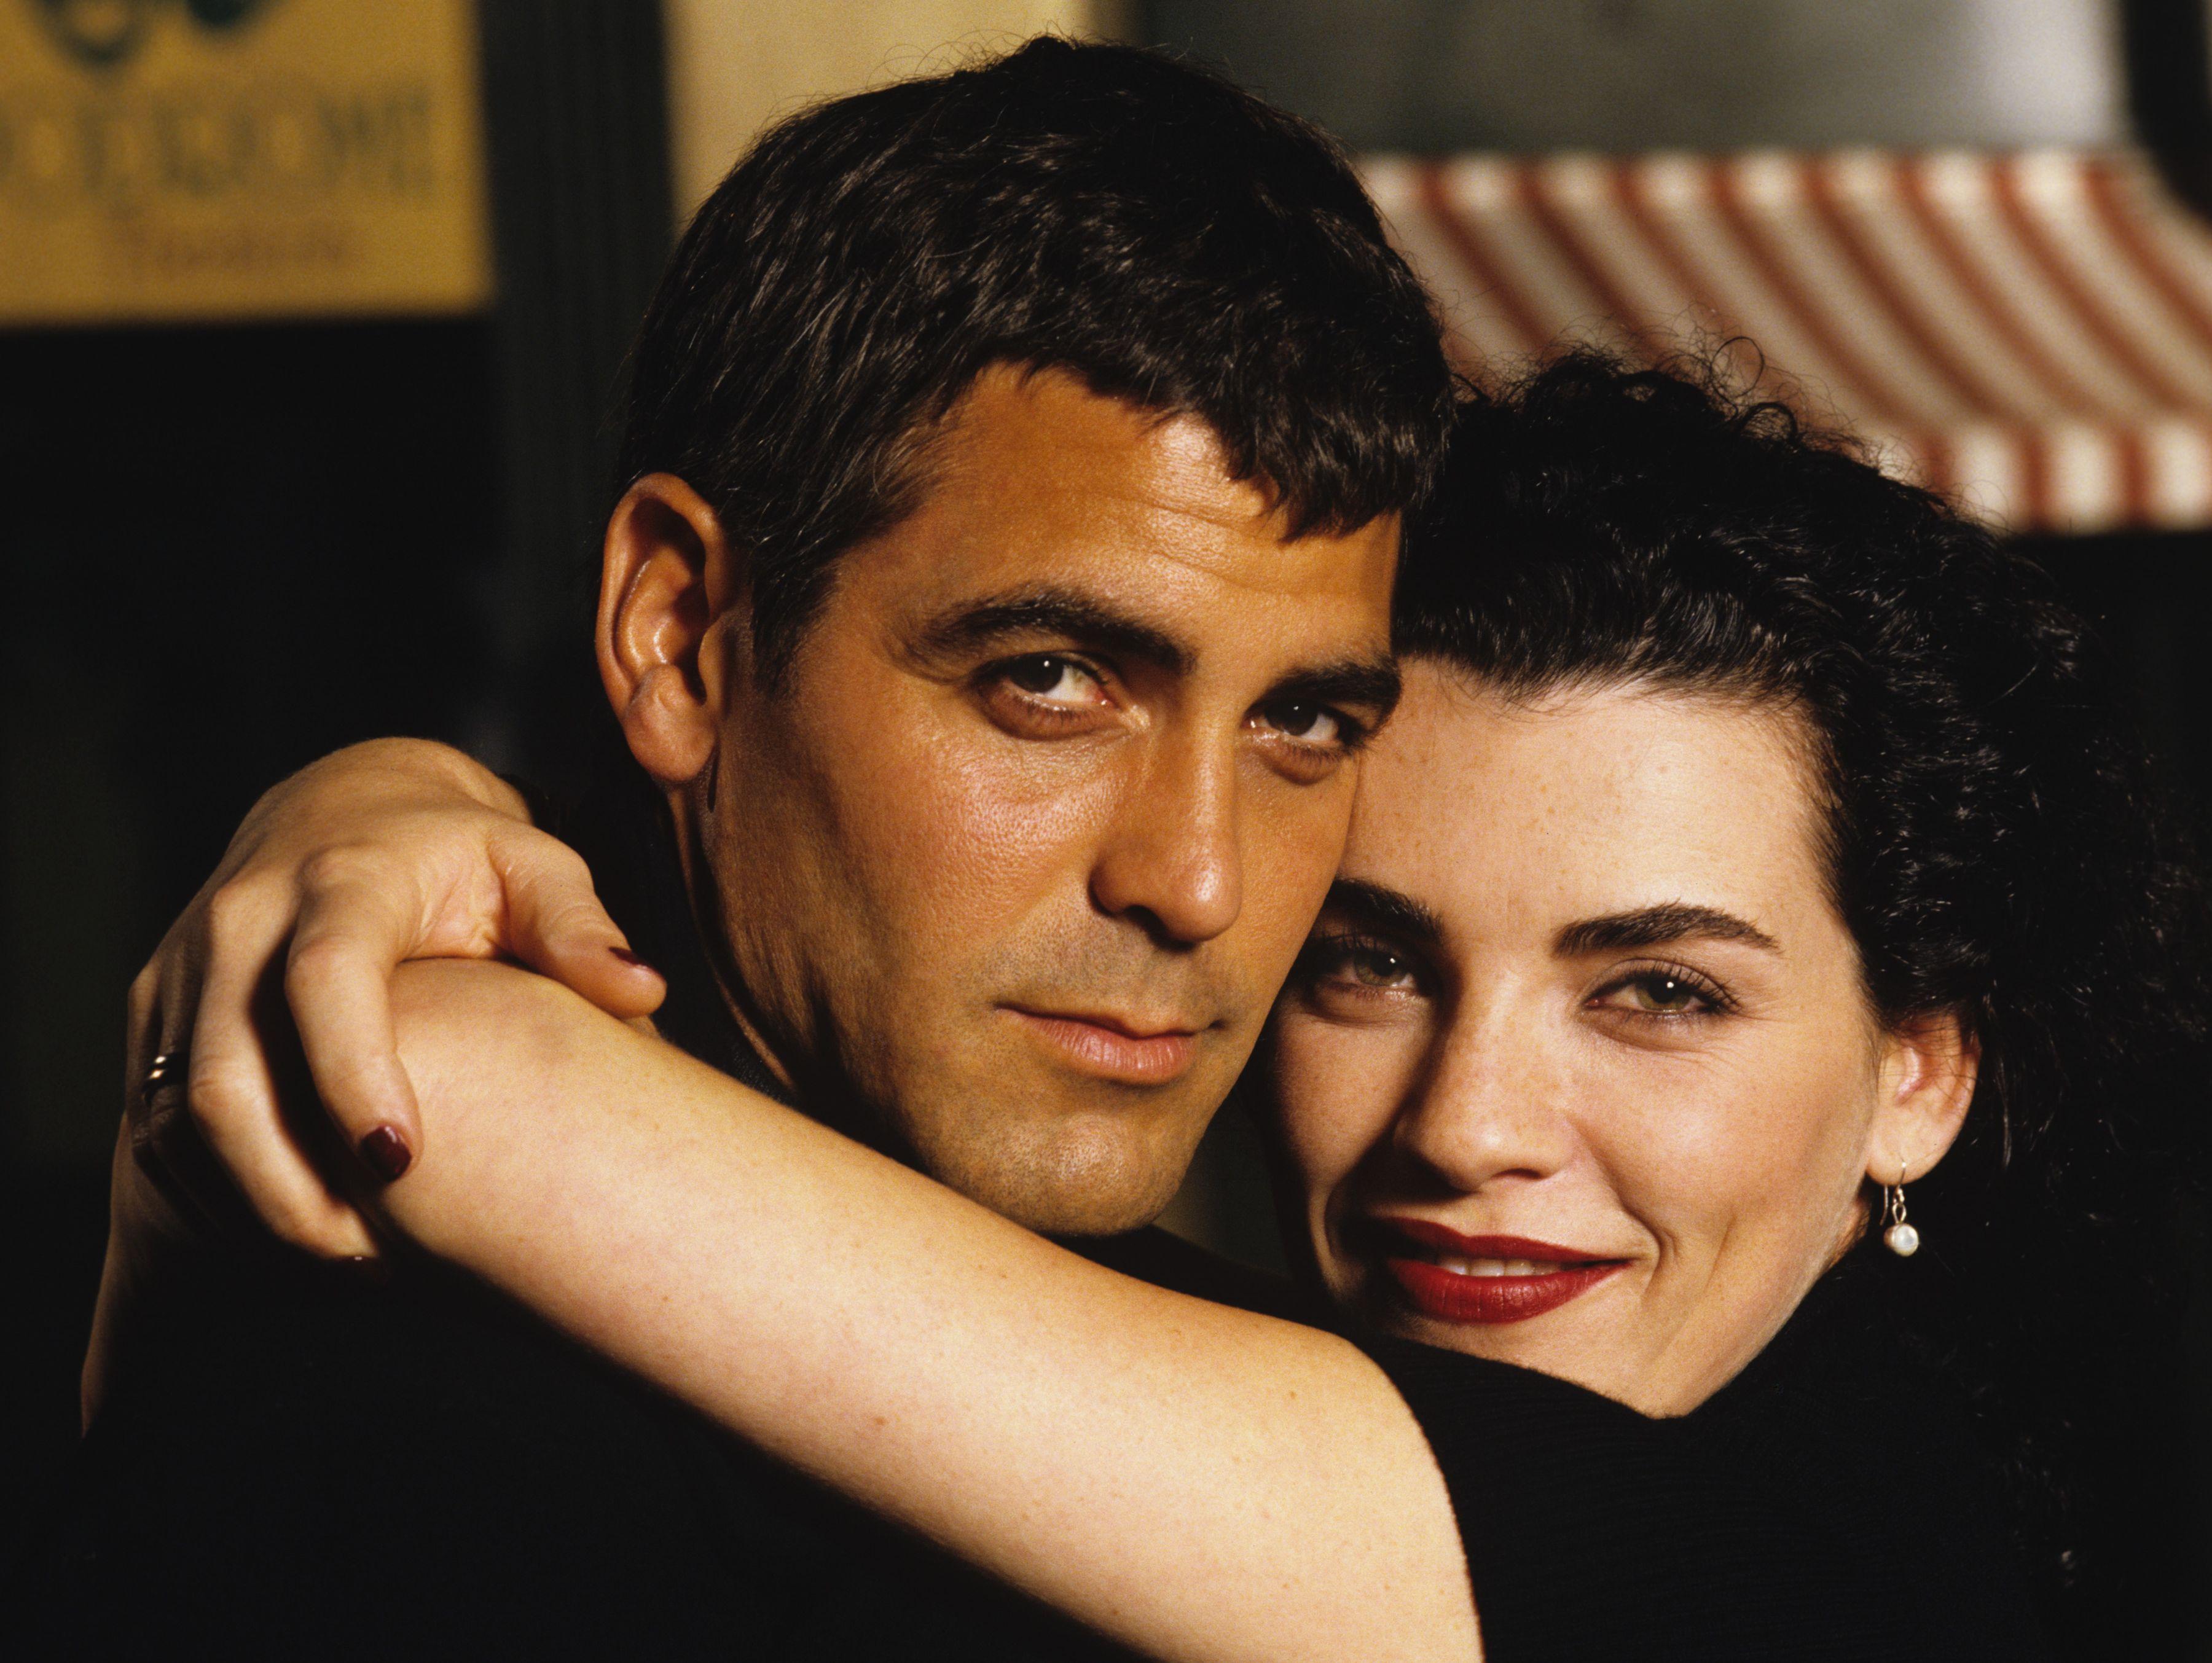 Wallpaper George Clooney Celebrities 3600x2707 3600x2707